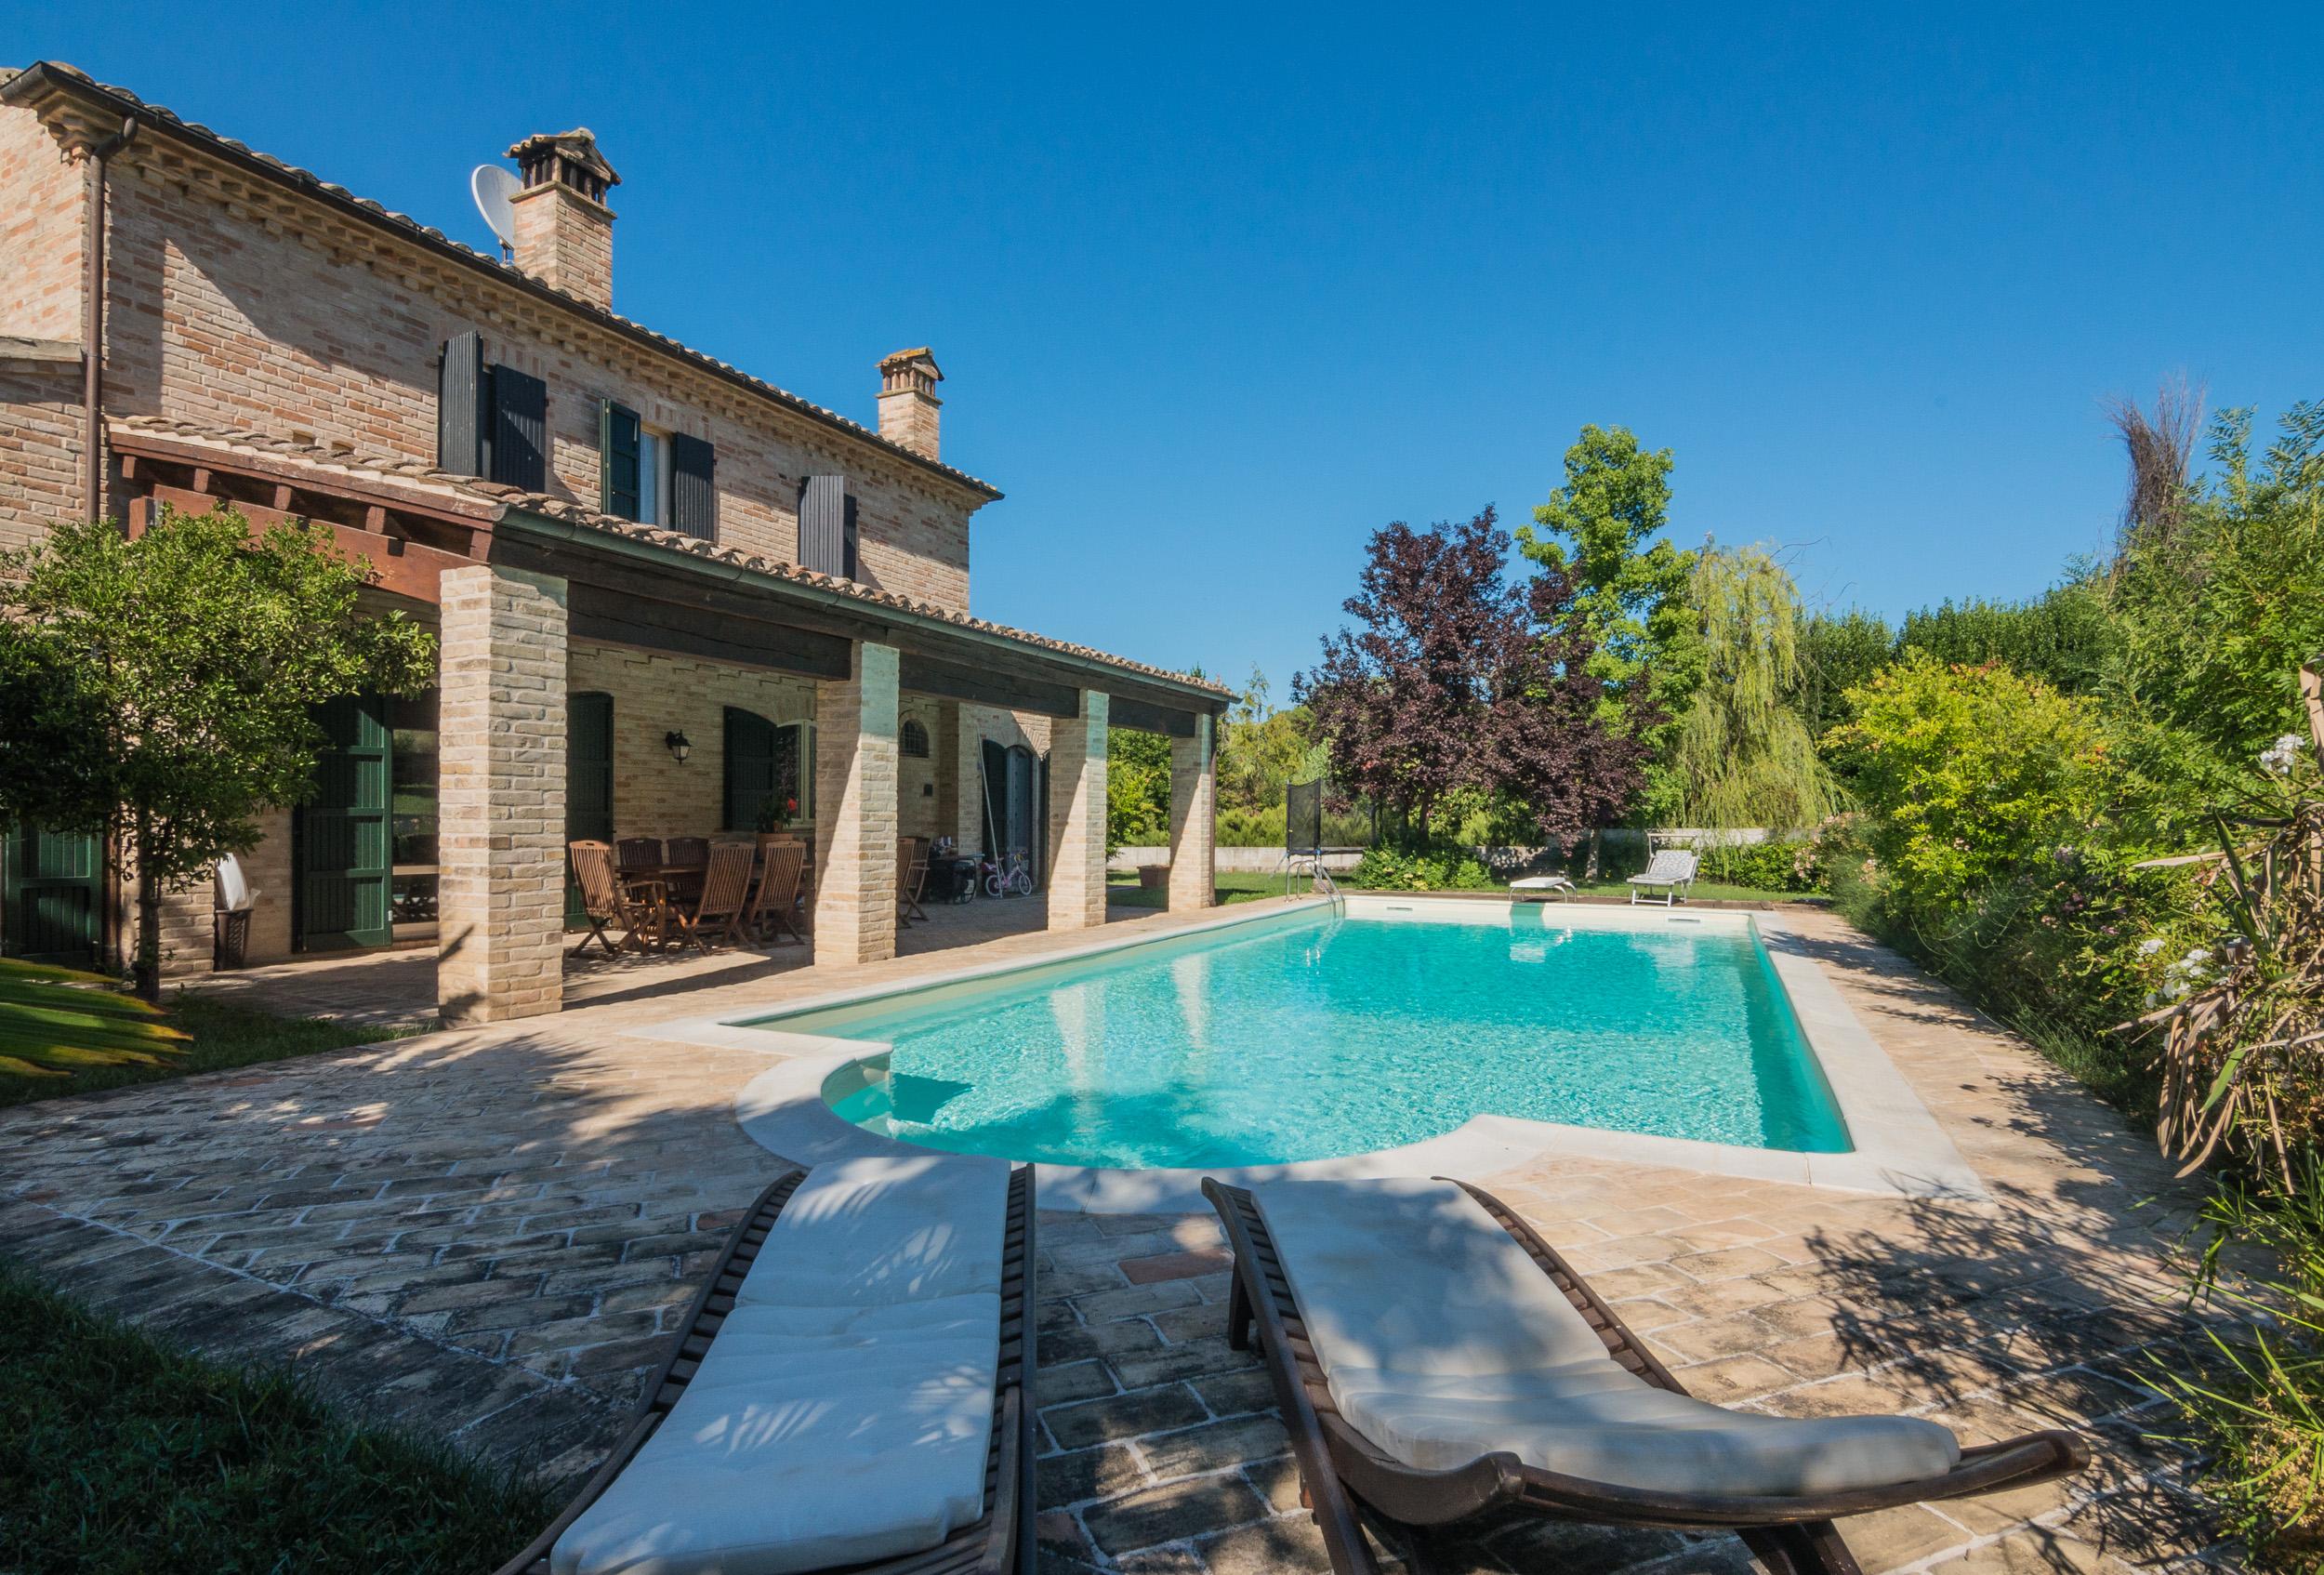 Casale con piscina in vendita a Fermo nelle Marche   Immobiliare ...